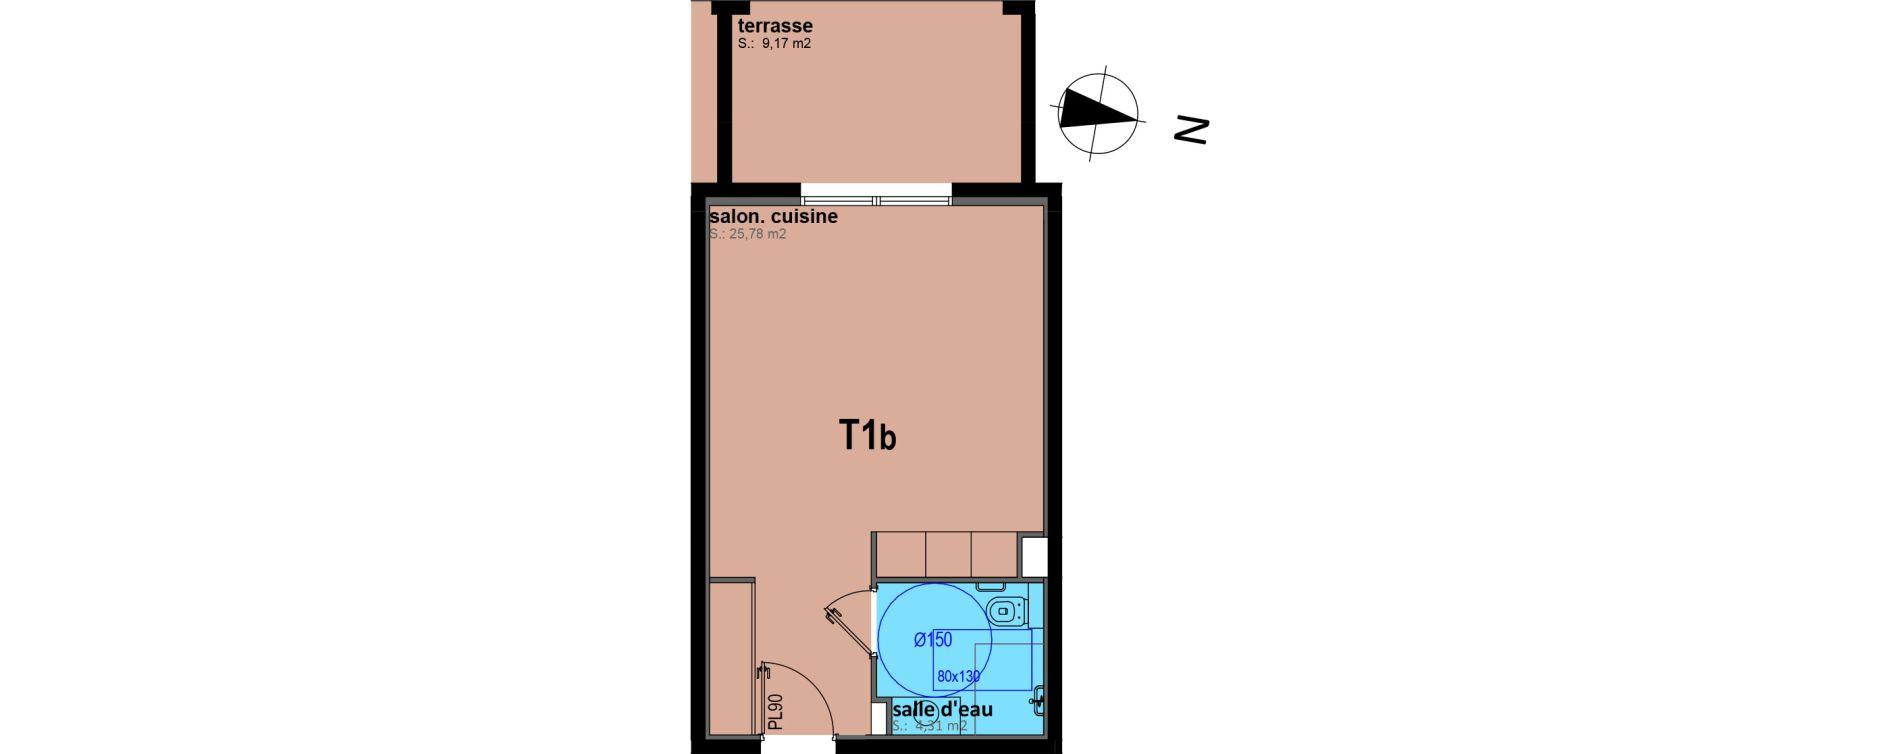 Appartement T1 bis meublé de 30,09 m2 à Sari-Solenzara Centre